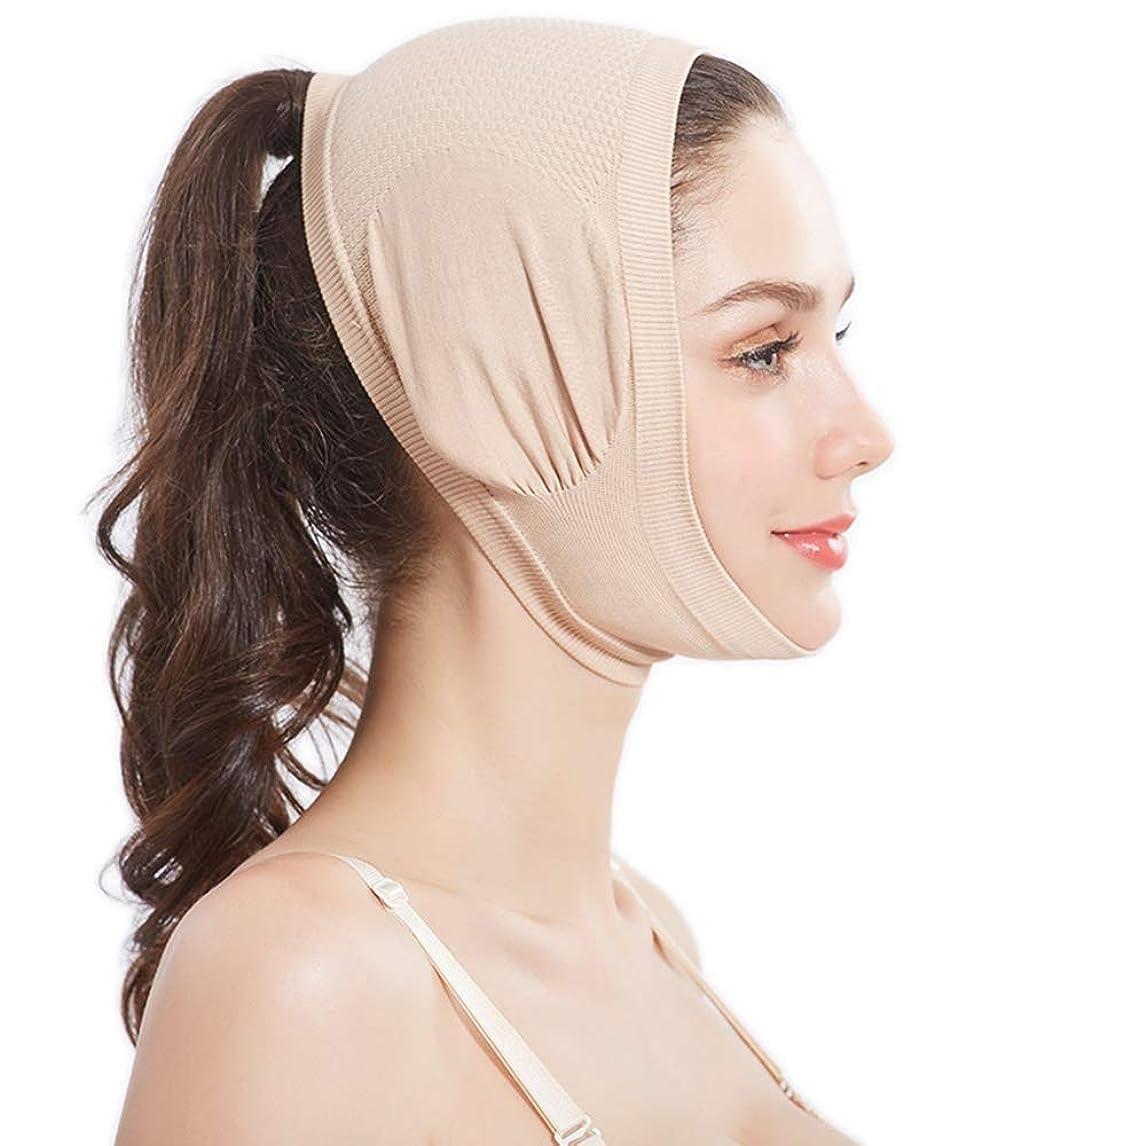 頑張るそれる好み痩身チークマスク、抗ストレスウェルネスマスク、スリム顔、滑らかな通気性の圧縮あご細いストラップ V フェースラインリフトアップベルトバンド,Flesh